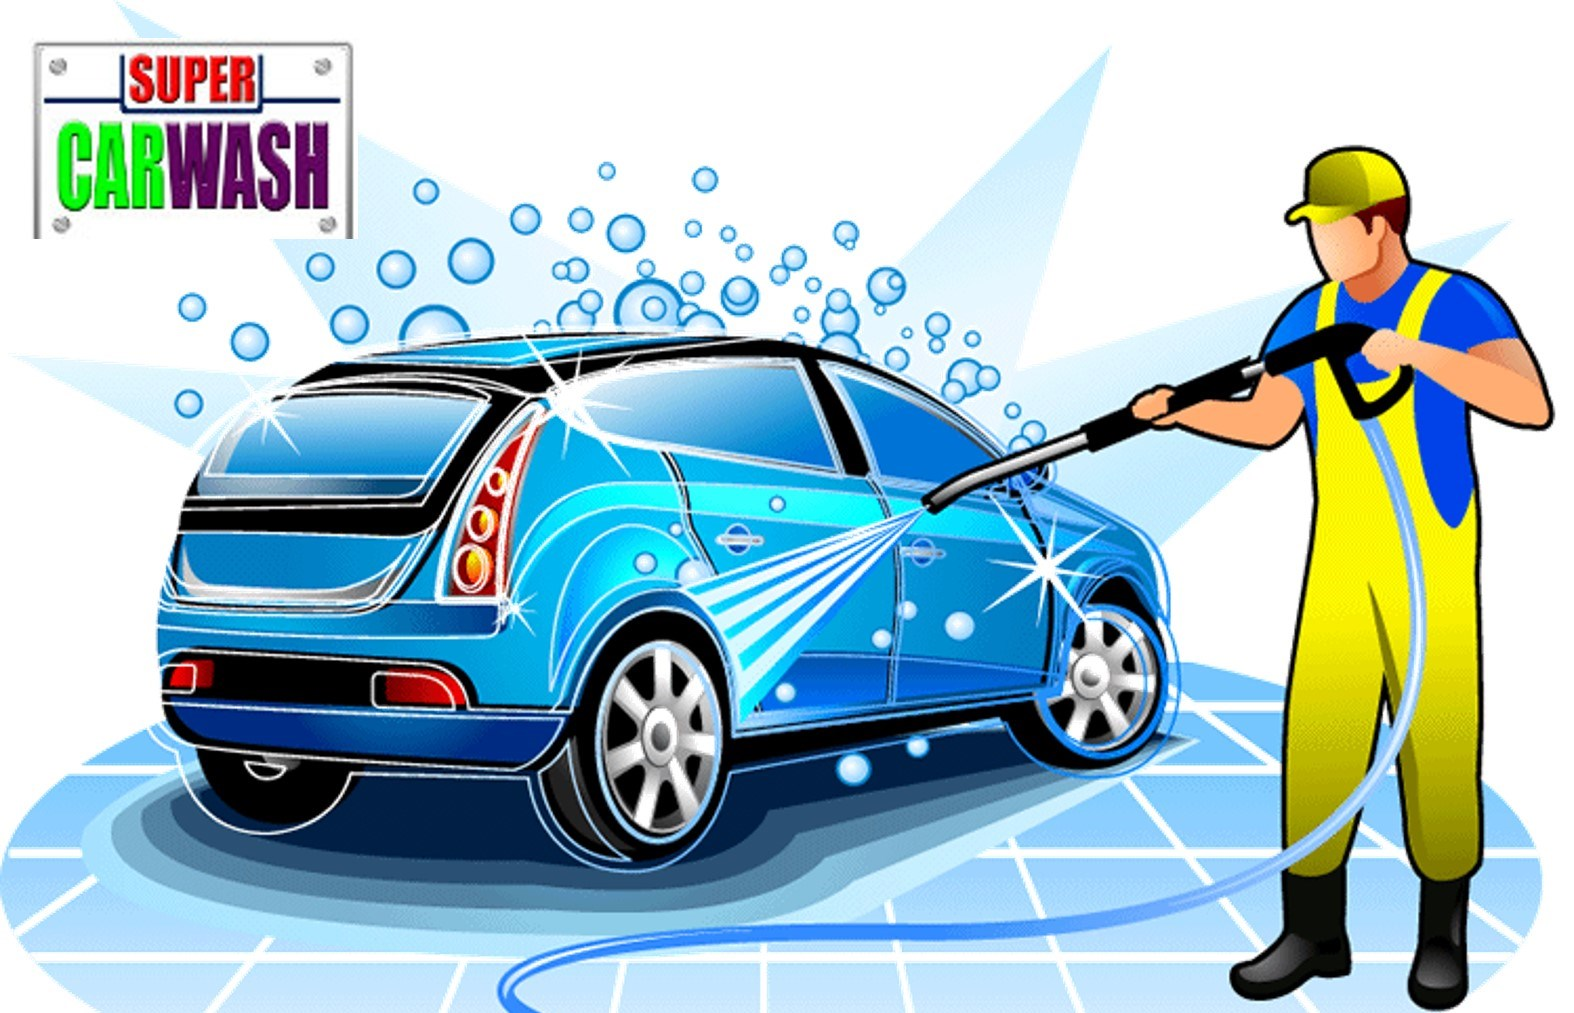 4,90€ από 10€ για πλύσιμο Αυτοκινήτου (μέσα-εξω) & Υγρό Κέρωμα, στο Υψηλής τεχνολογίας πλυντήριο αυτοκινήτων ''Super Car Wash'' στα Βριλήσσια (δίπλα στα Alouette)